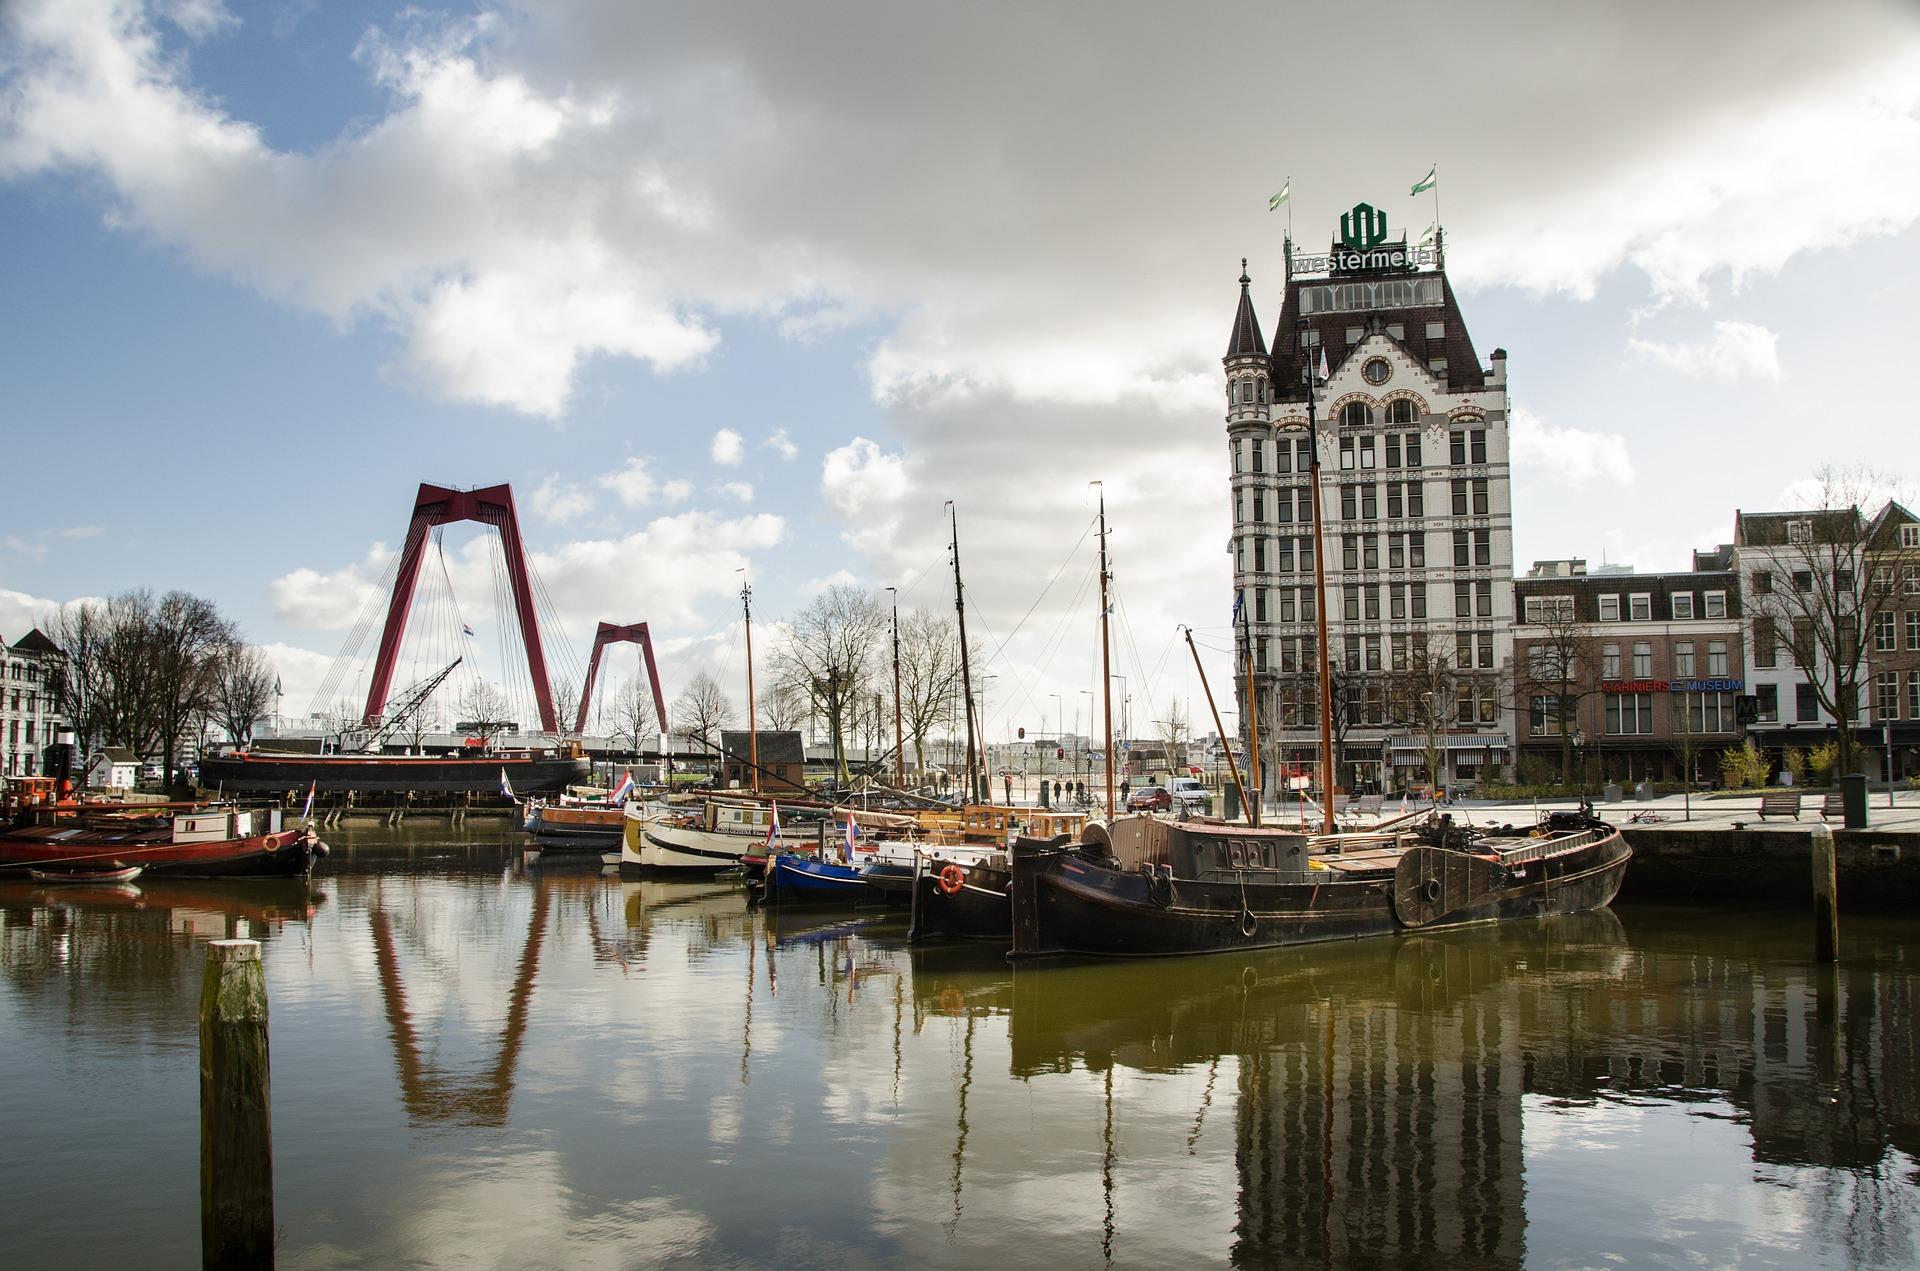 Học bổng GMAT Thạc sĩ Quản trị kinh doanh, Đại học Amsterdam (ABS), Hà Lan, 2018